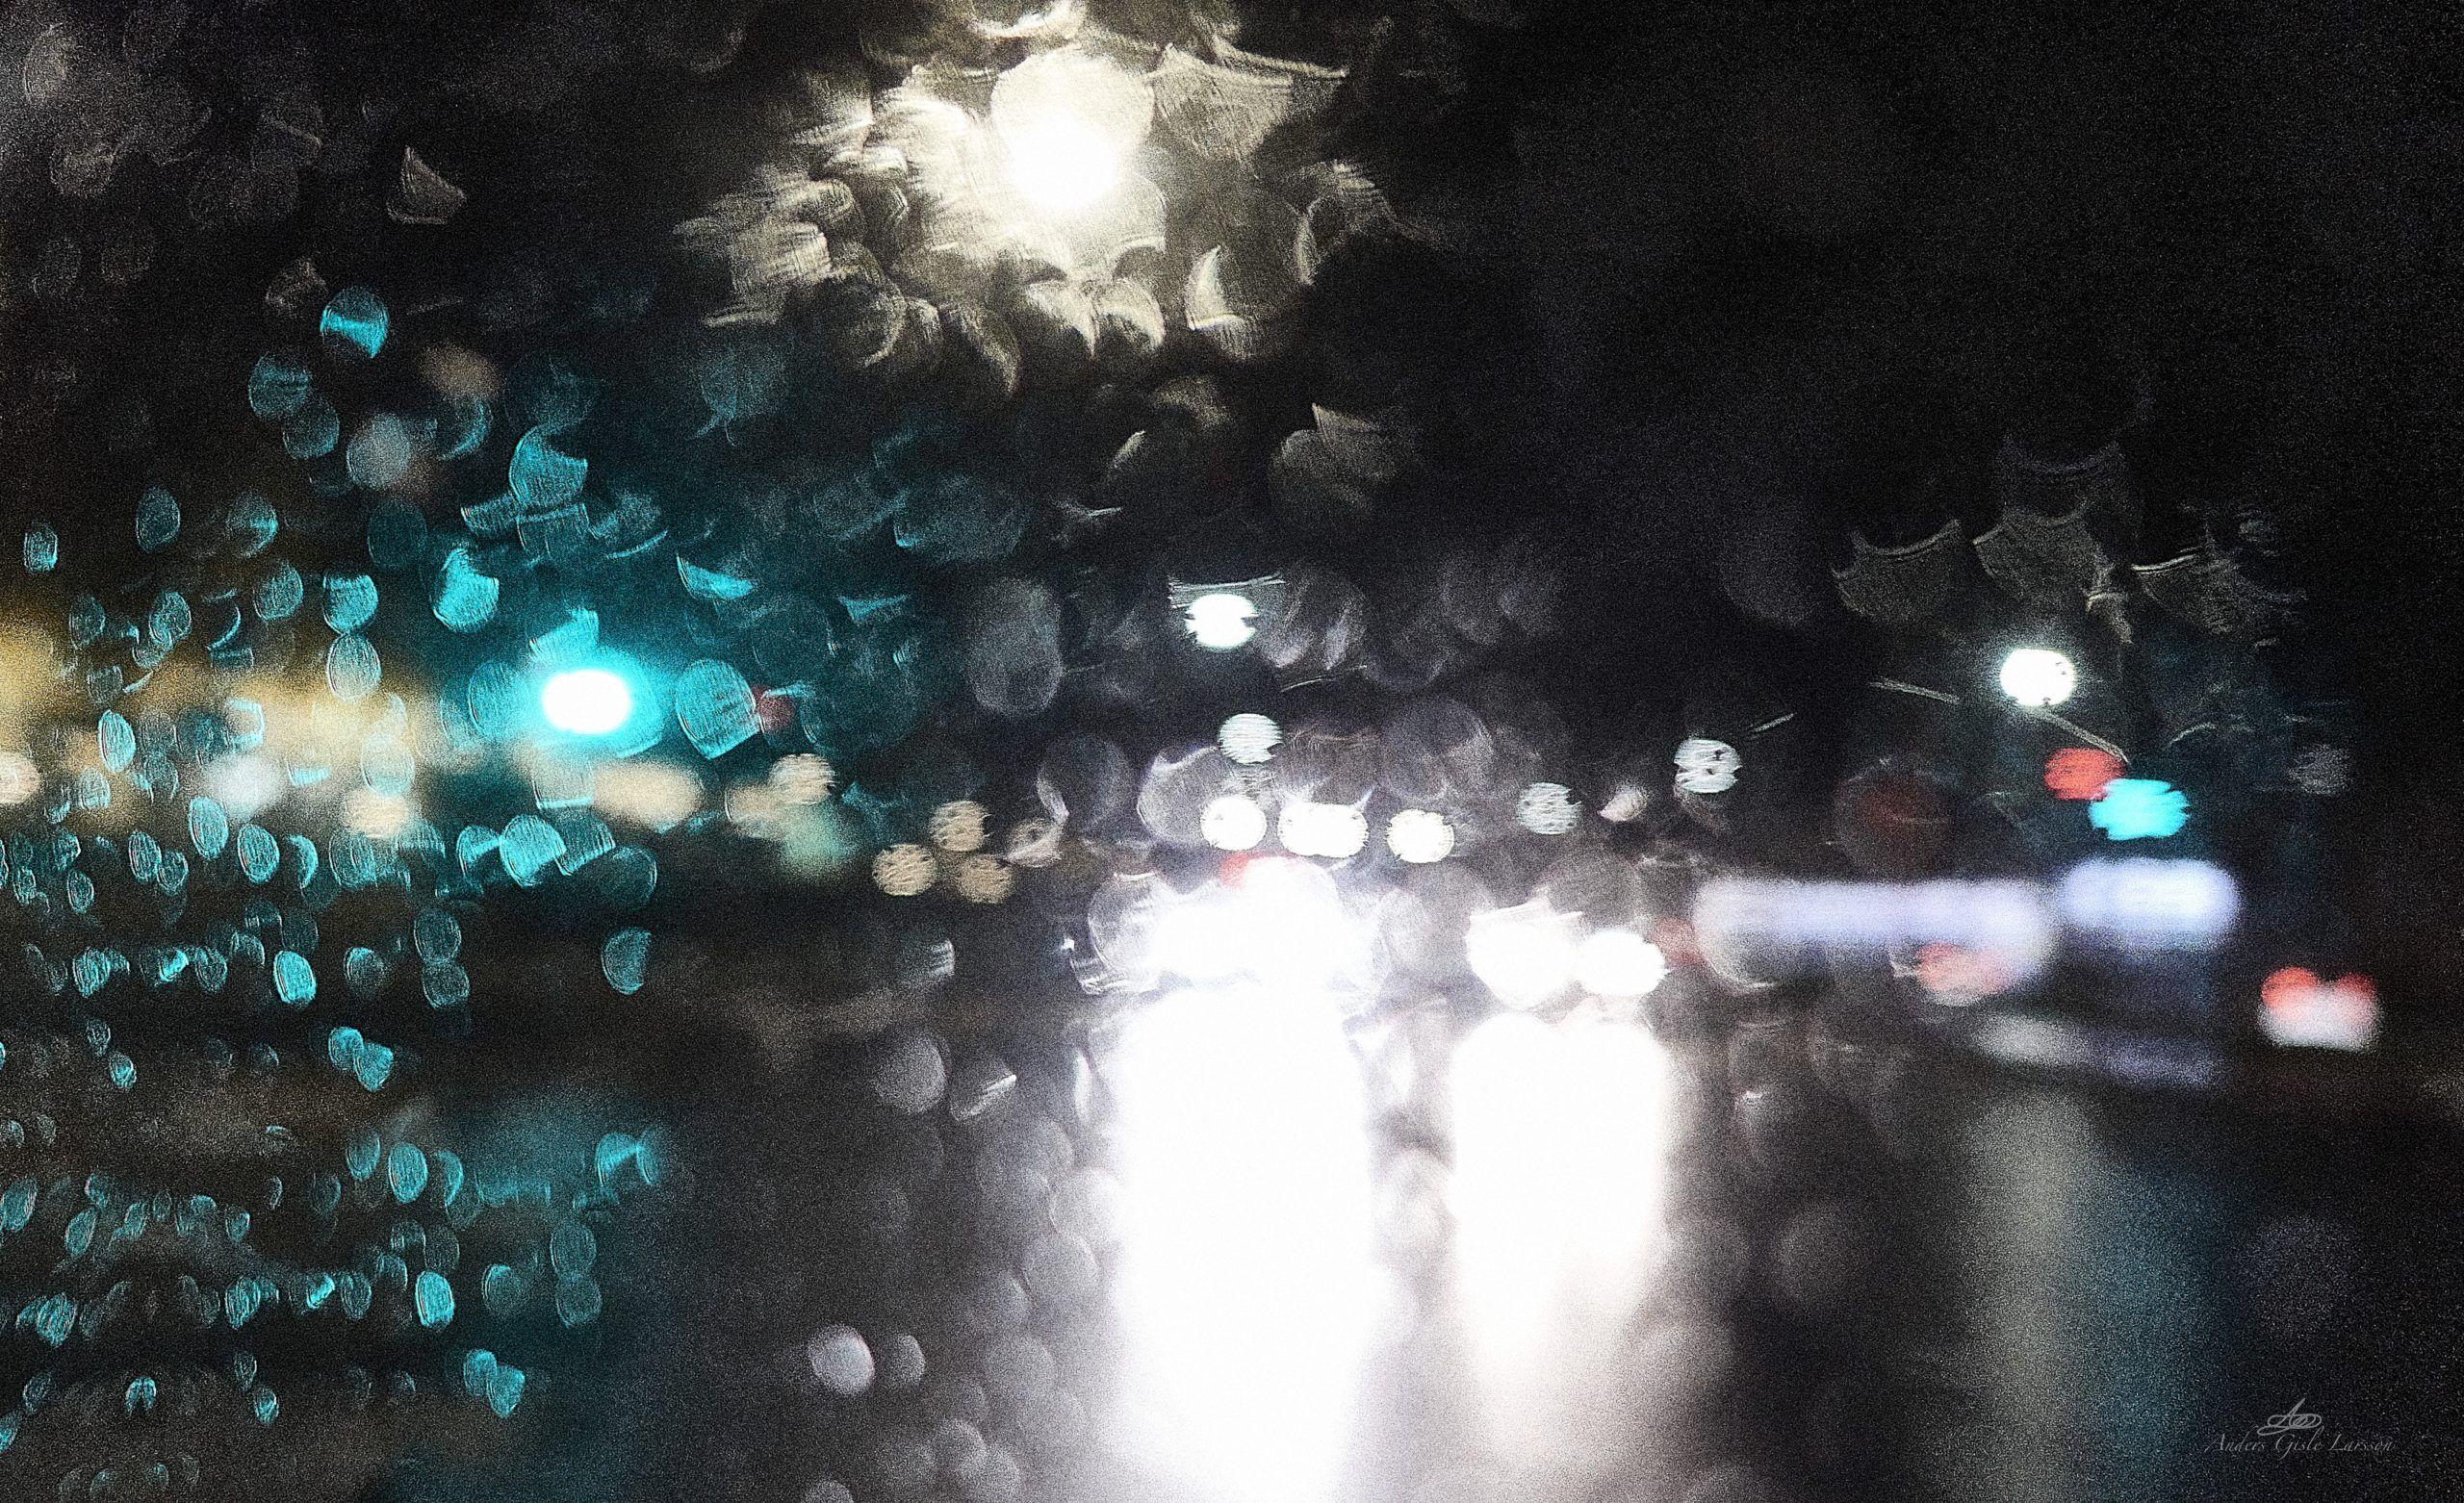 Regndråbe aften, Uge 39, Randers